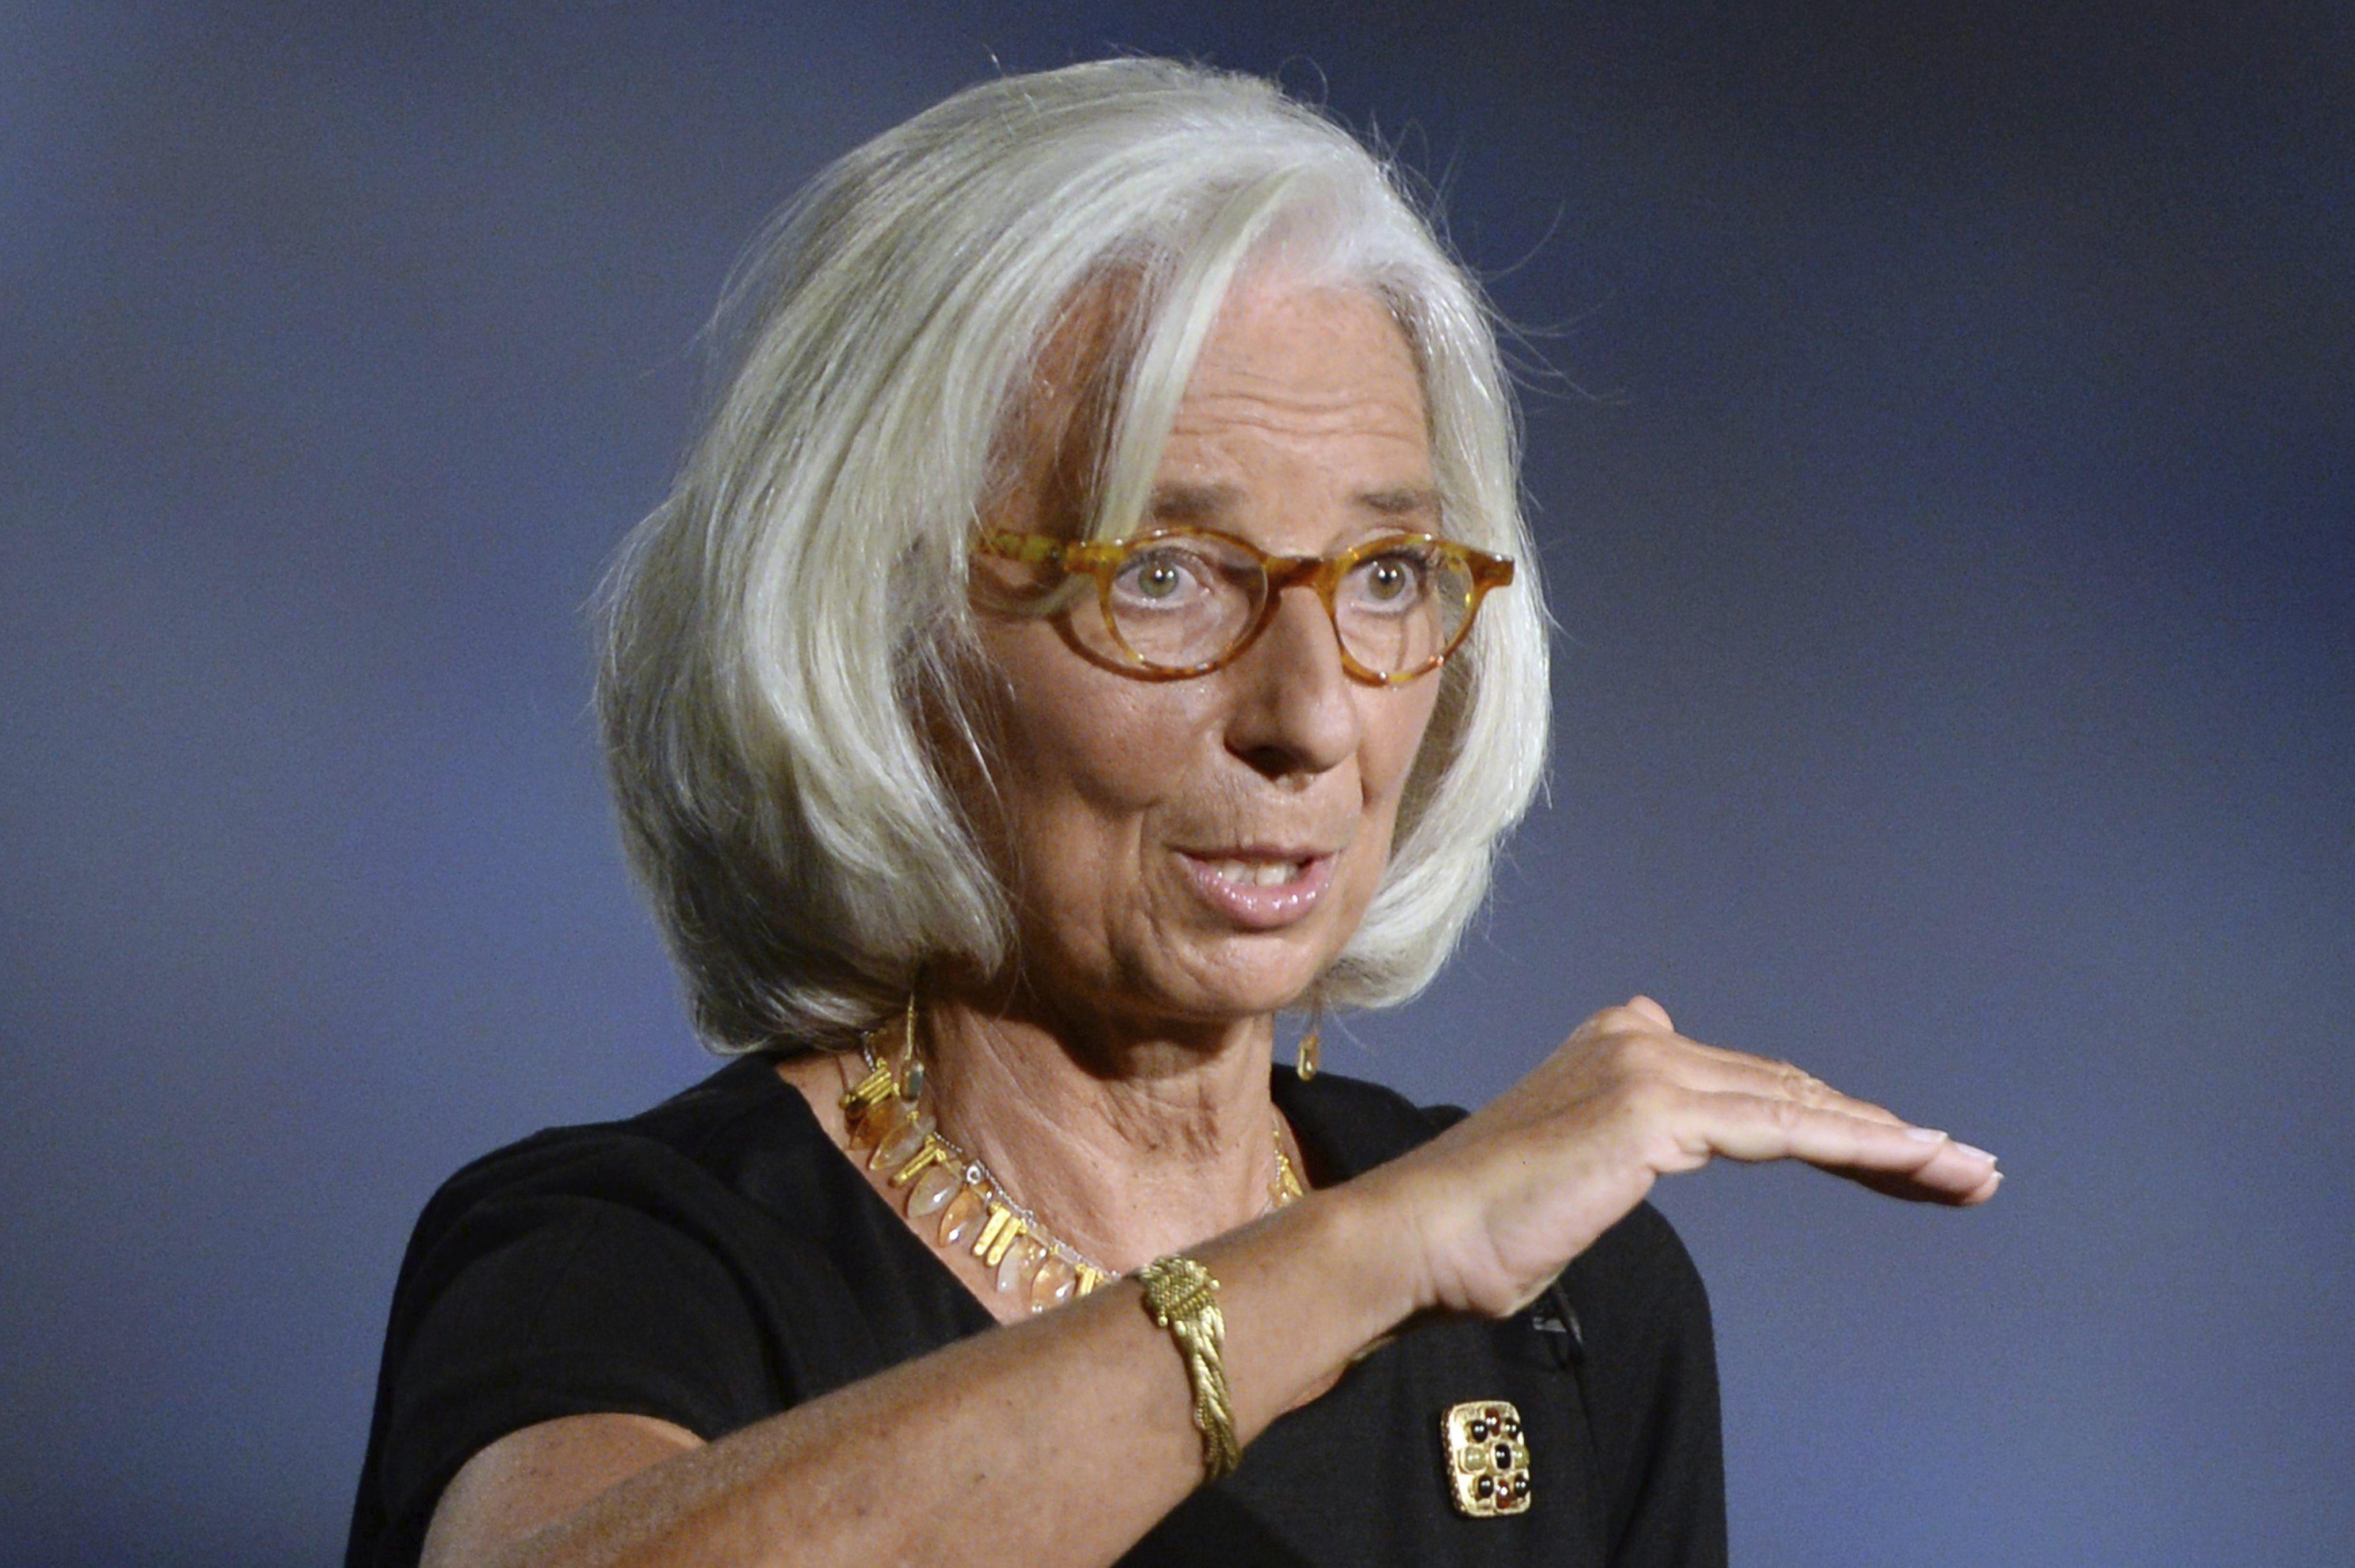 El FMI advierte a España que la crisis todavía no ha terminado y pide más reforma laboral